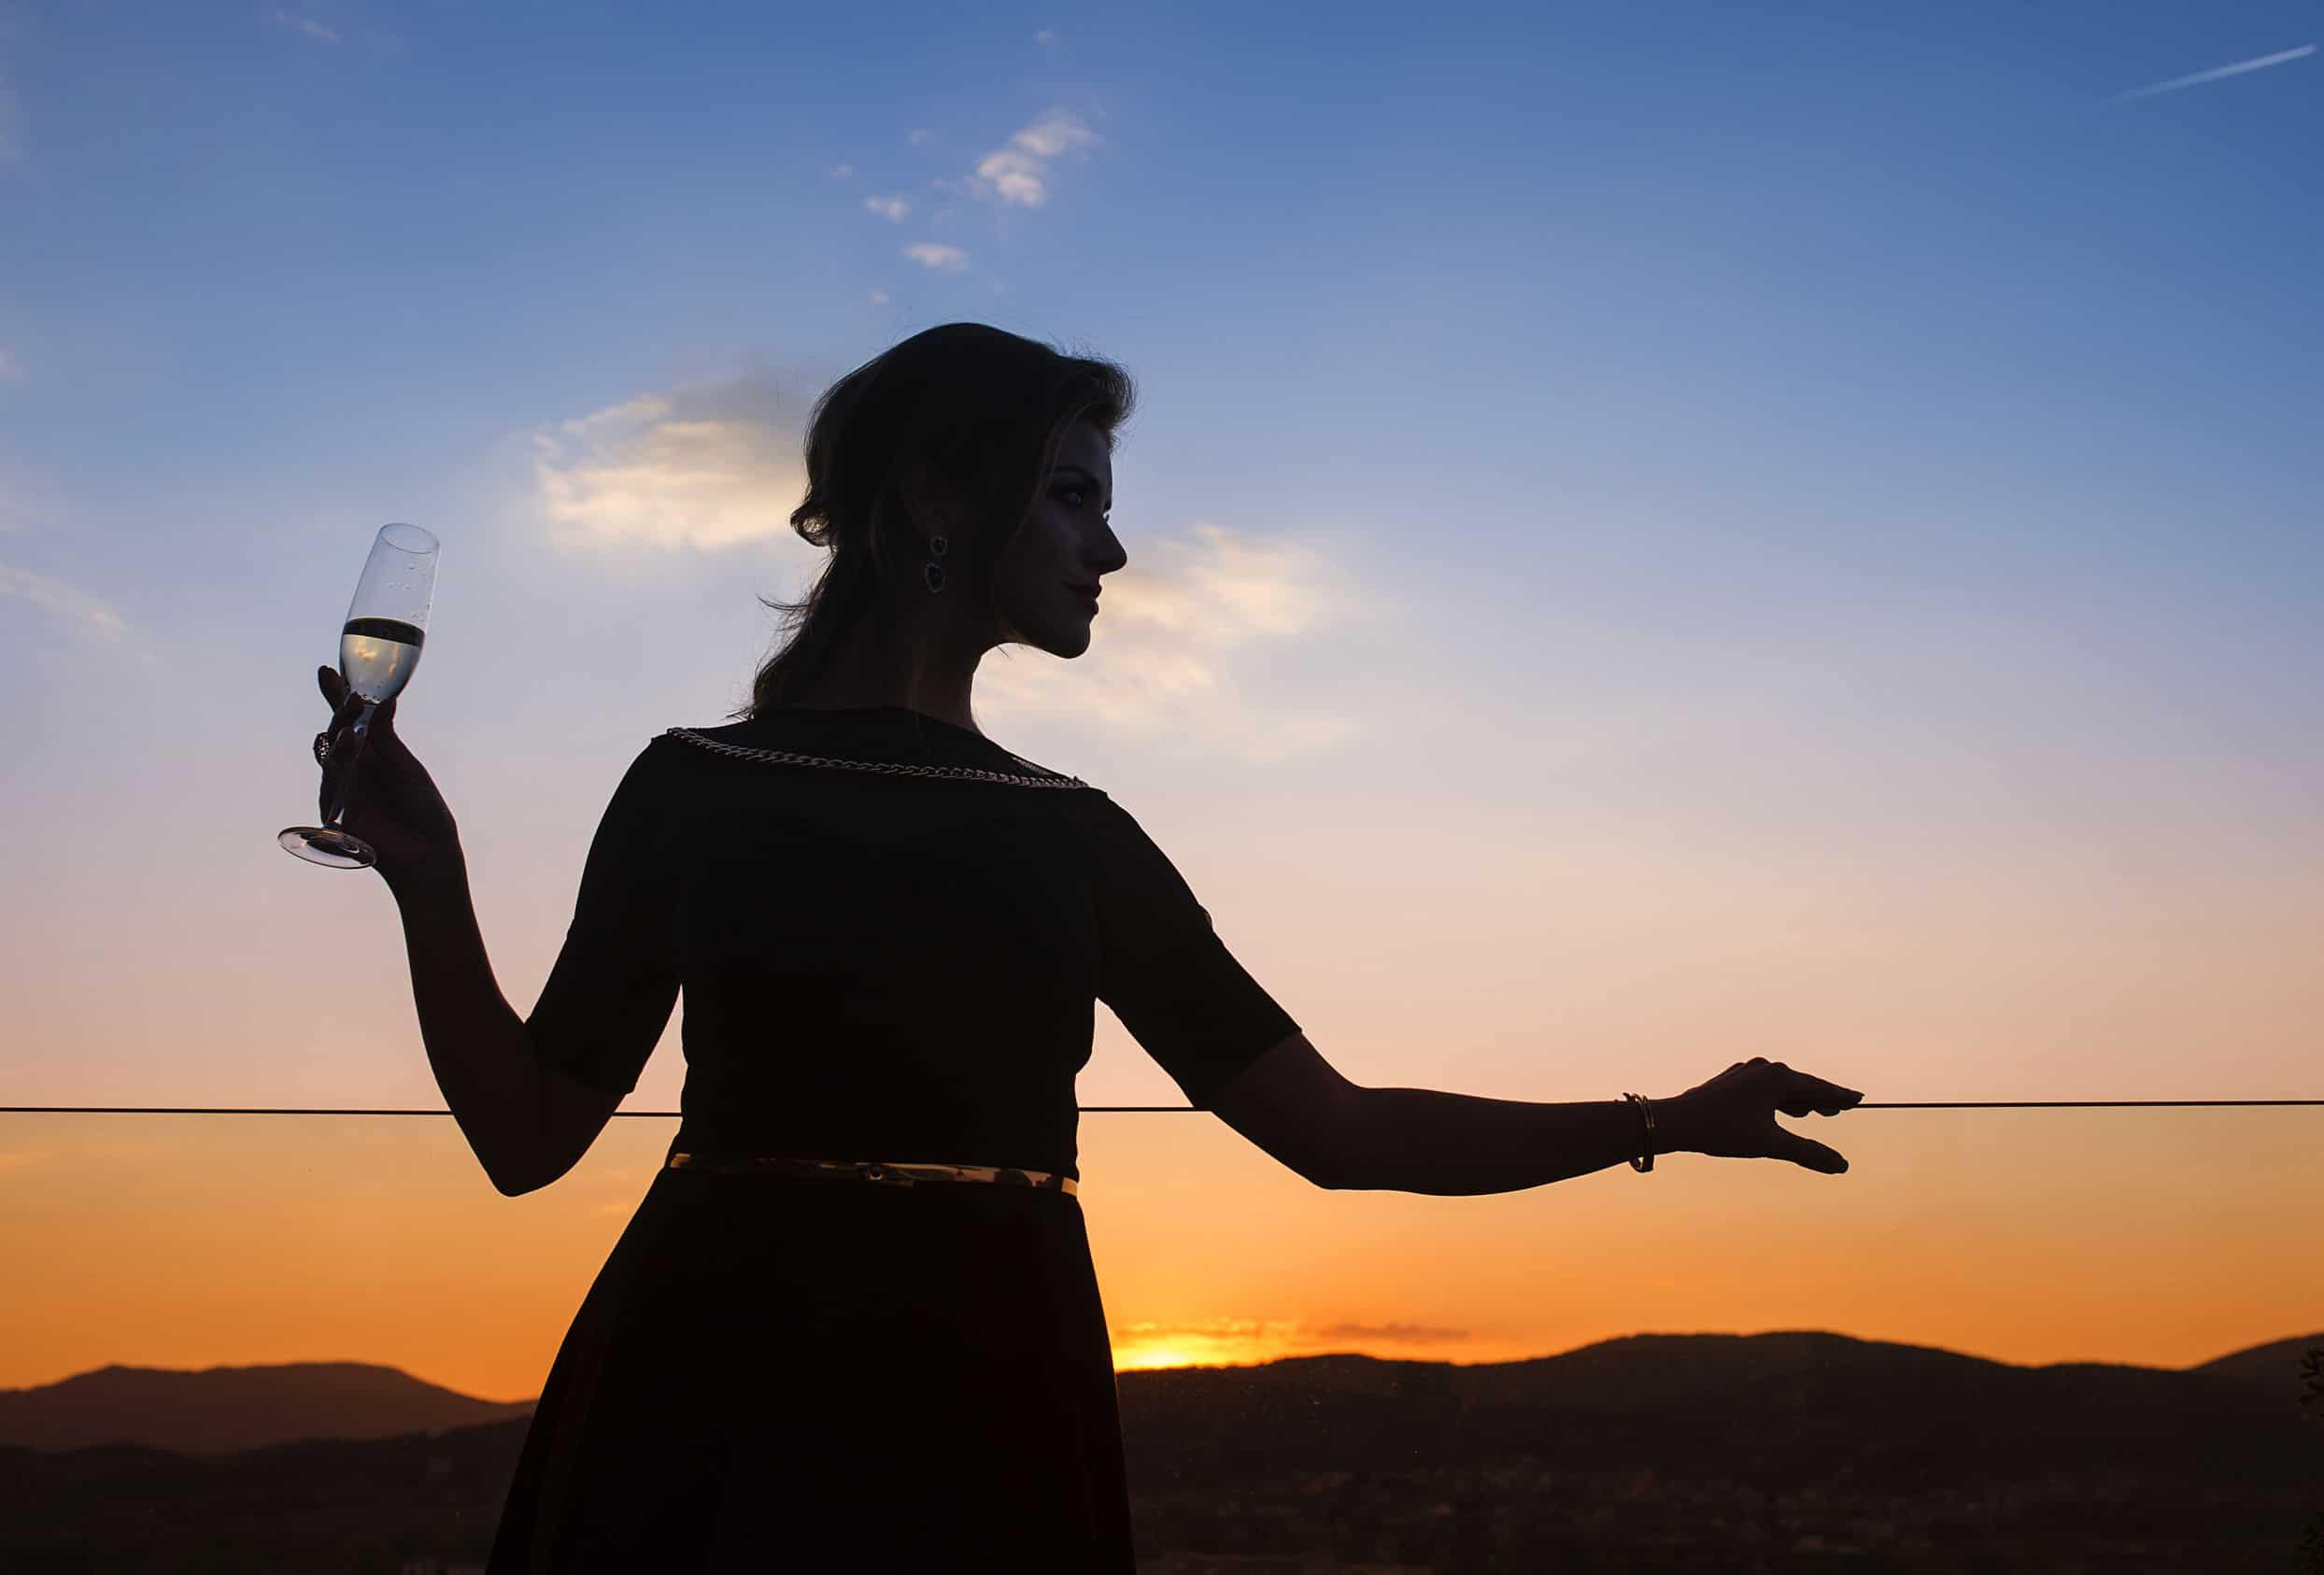 Silhueta de mulher segurando taça de champanhe em um terraço com o por do sol ao fundo.